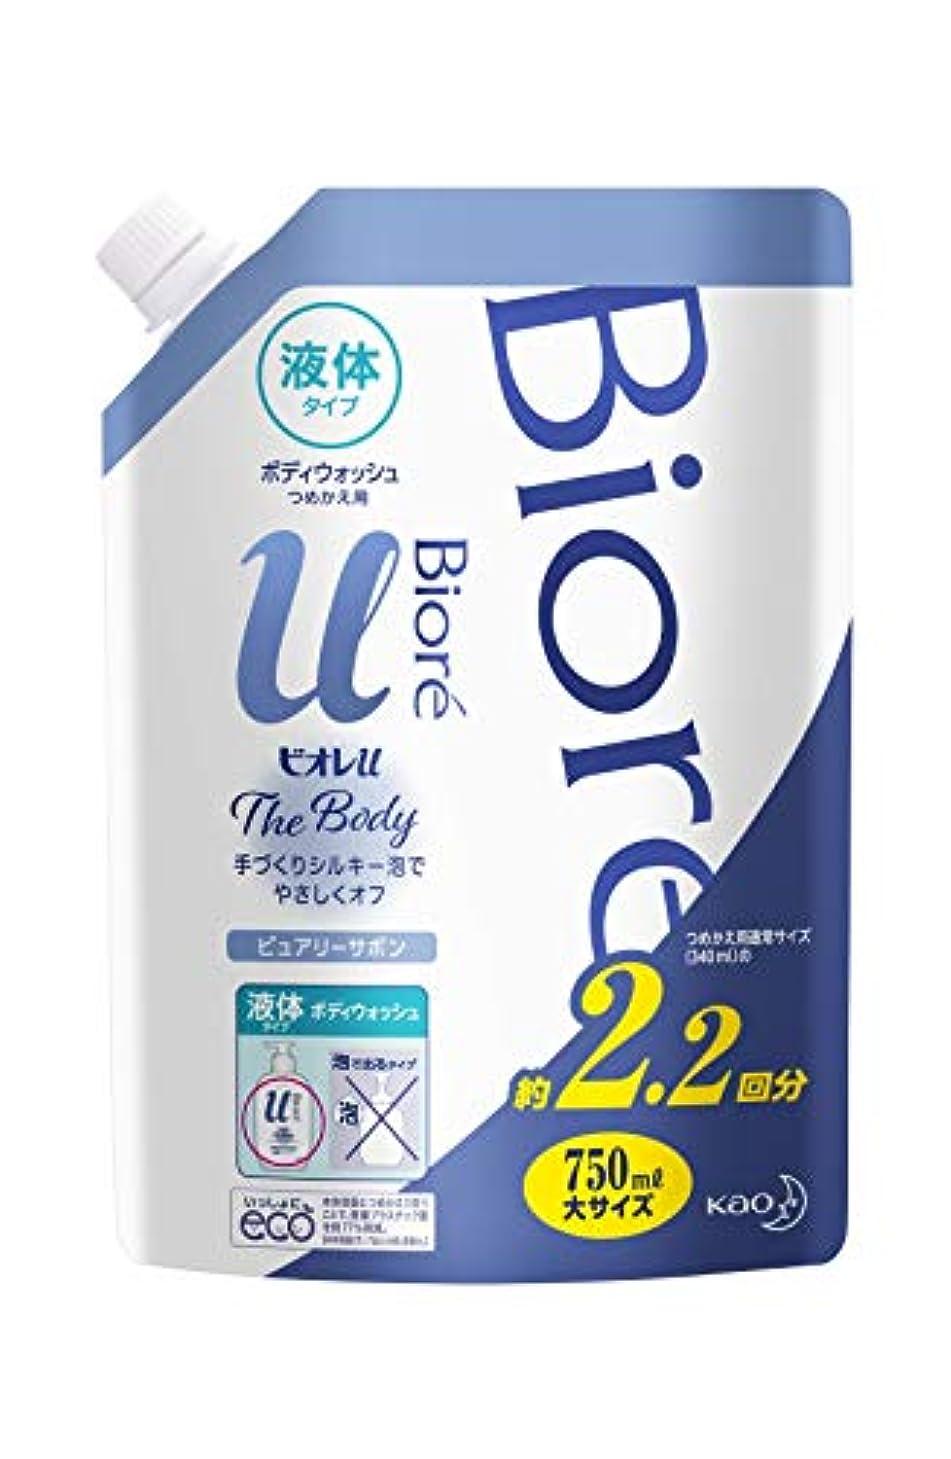 伝説球状一【大容量】 ビオレu ザ ボディ 〔 The Body 〕 液体タイプ ピュアリーサボンの香り つめかえ用 750ml 「高潤滑処方の手づくりシルキー泡」 ボディソープ 清潔感のあるピュアリーサボンの香り